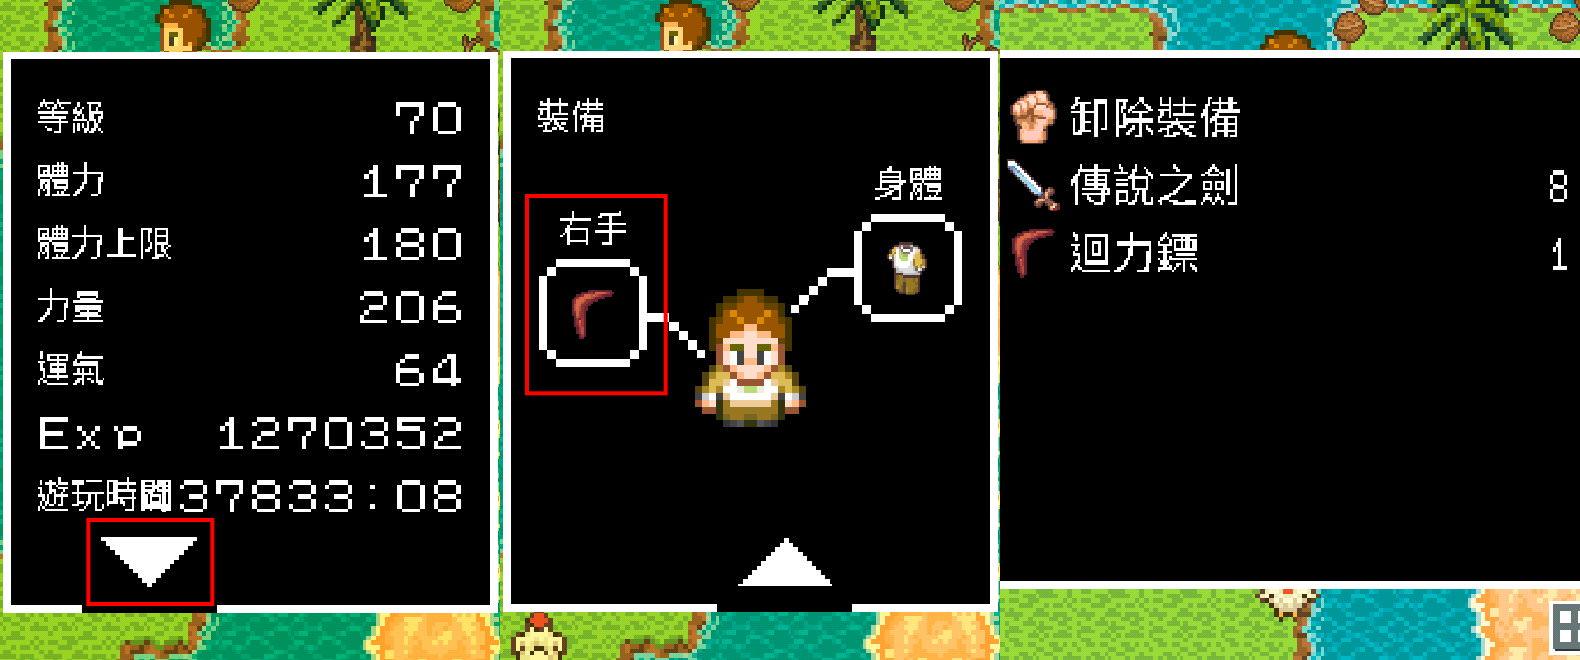 手機遊戲, 無人島大冒險1, 更換裝備